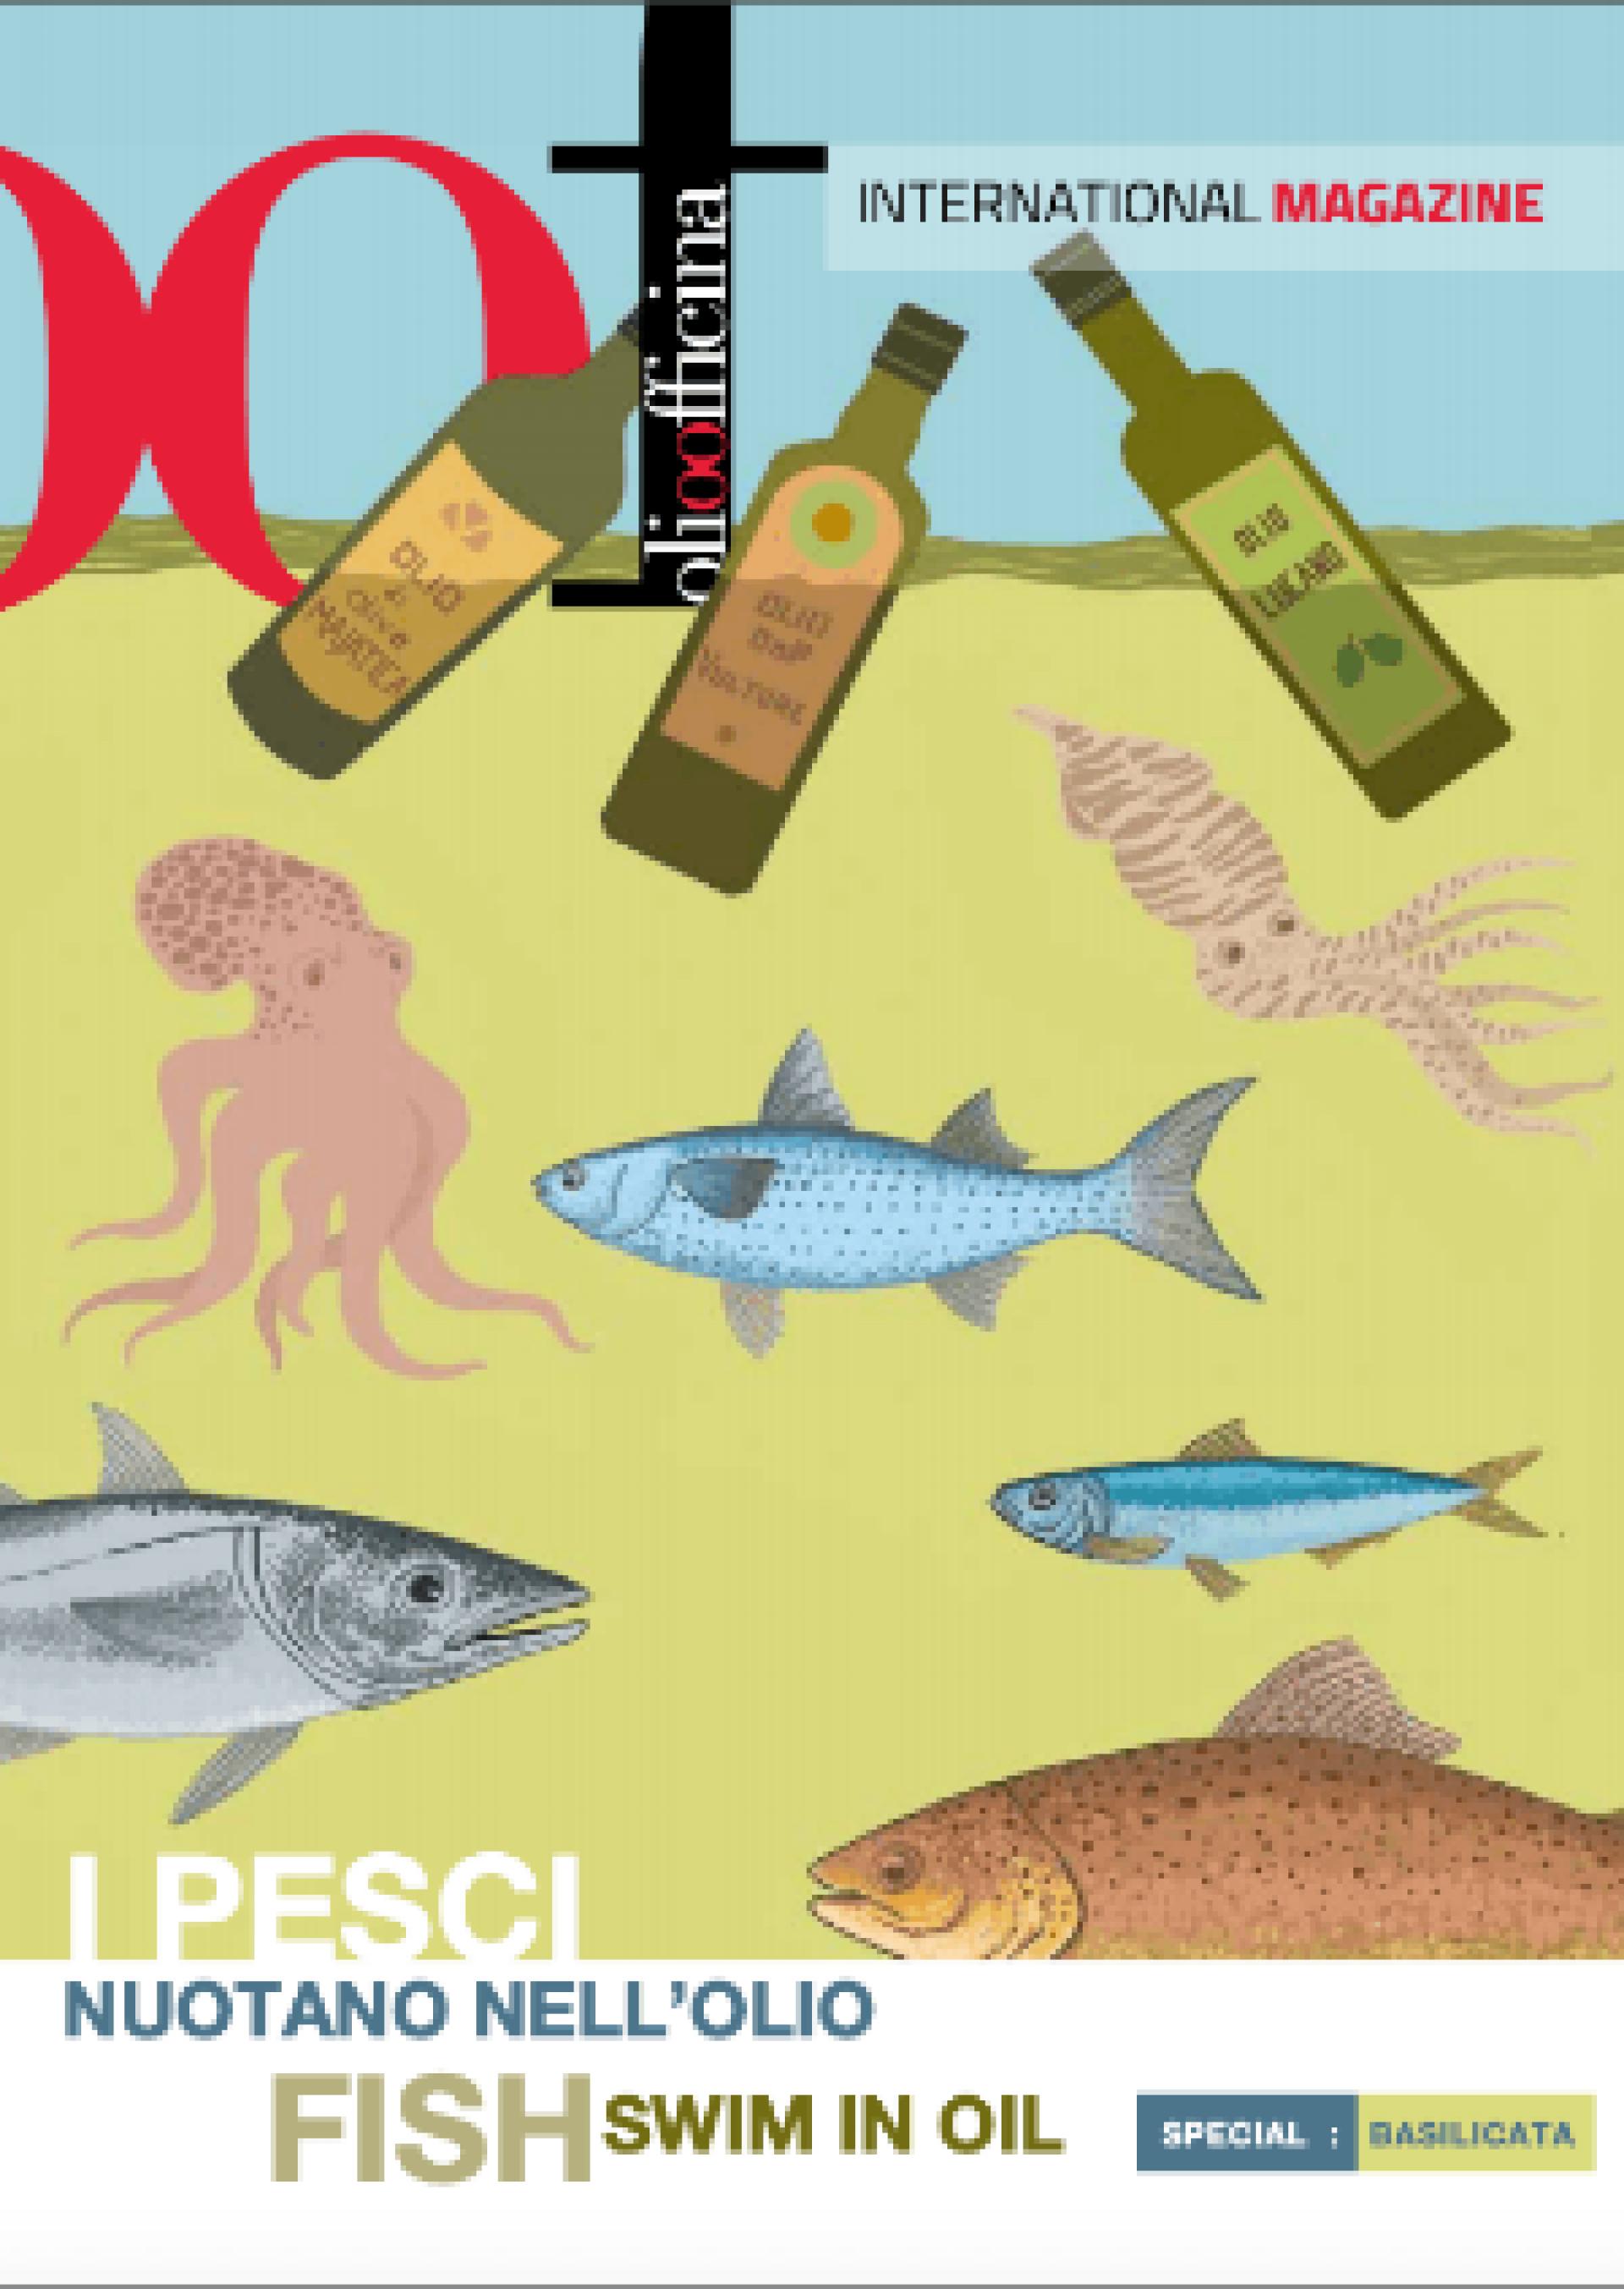 I pesci nuotano nell'olio / Fish swim in oil - Special Basilicata